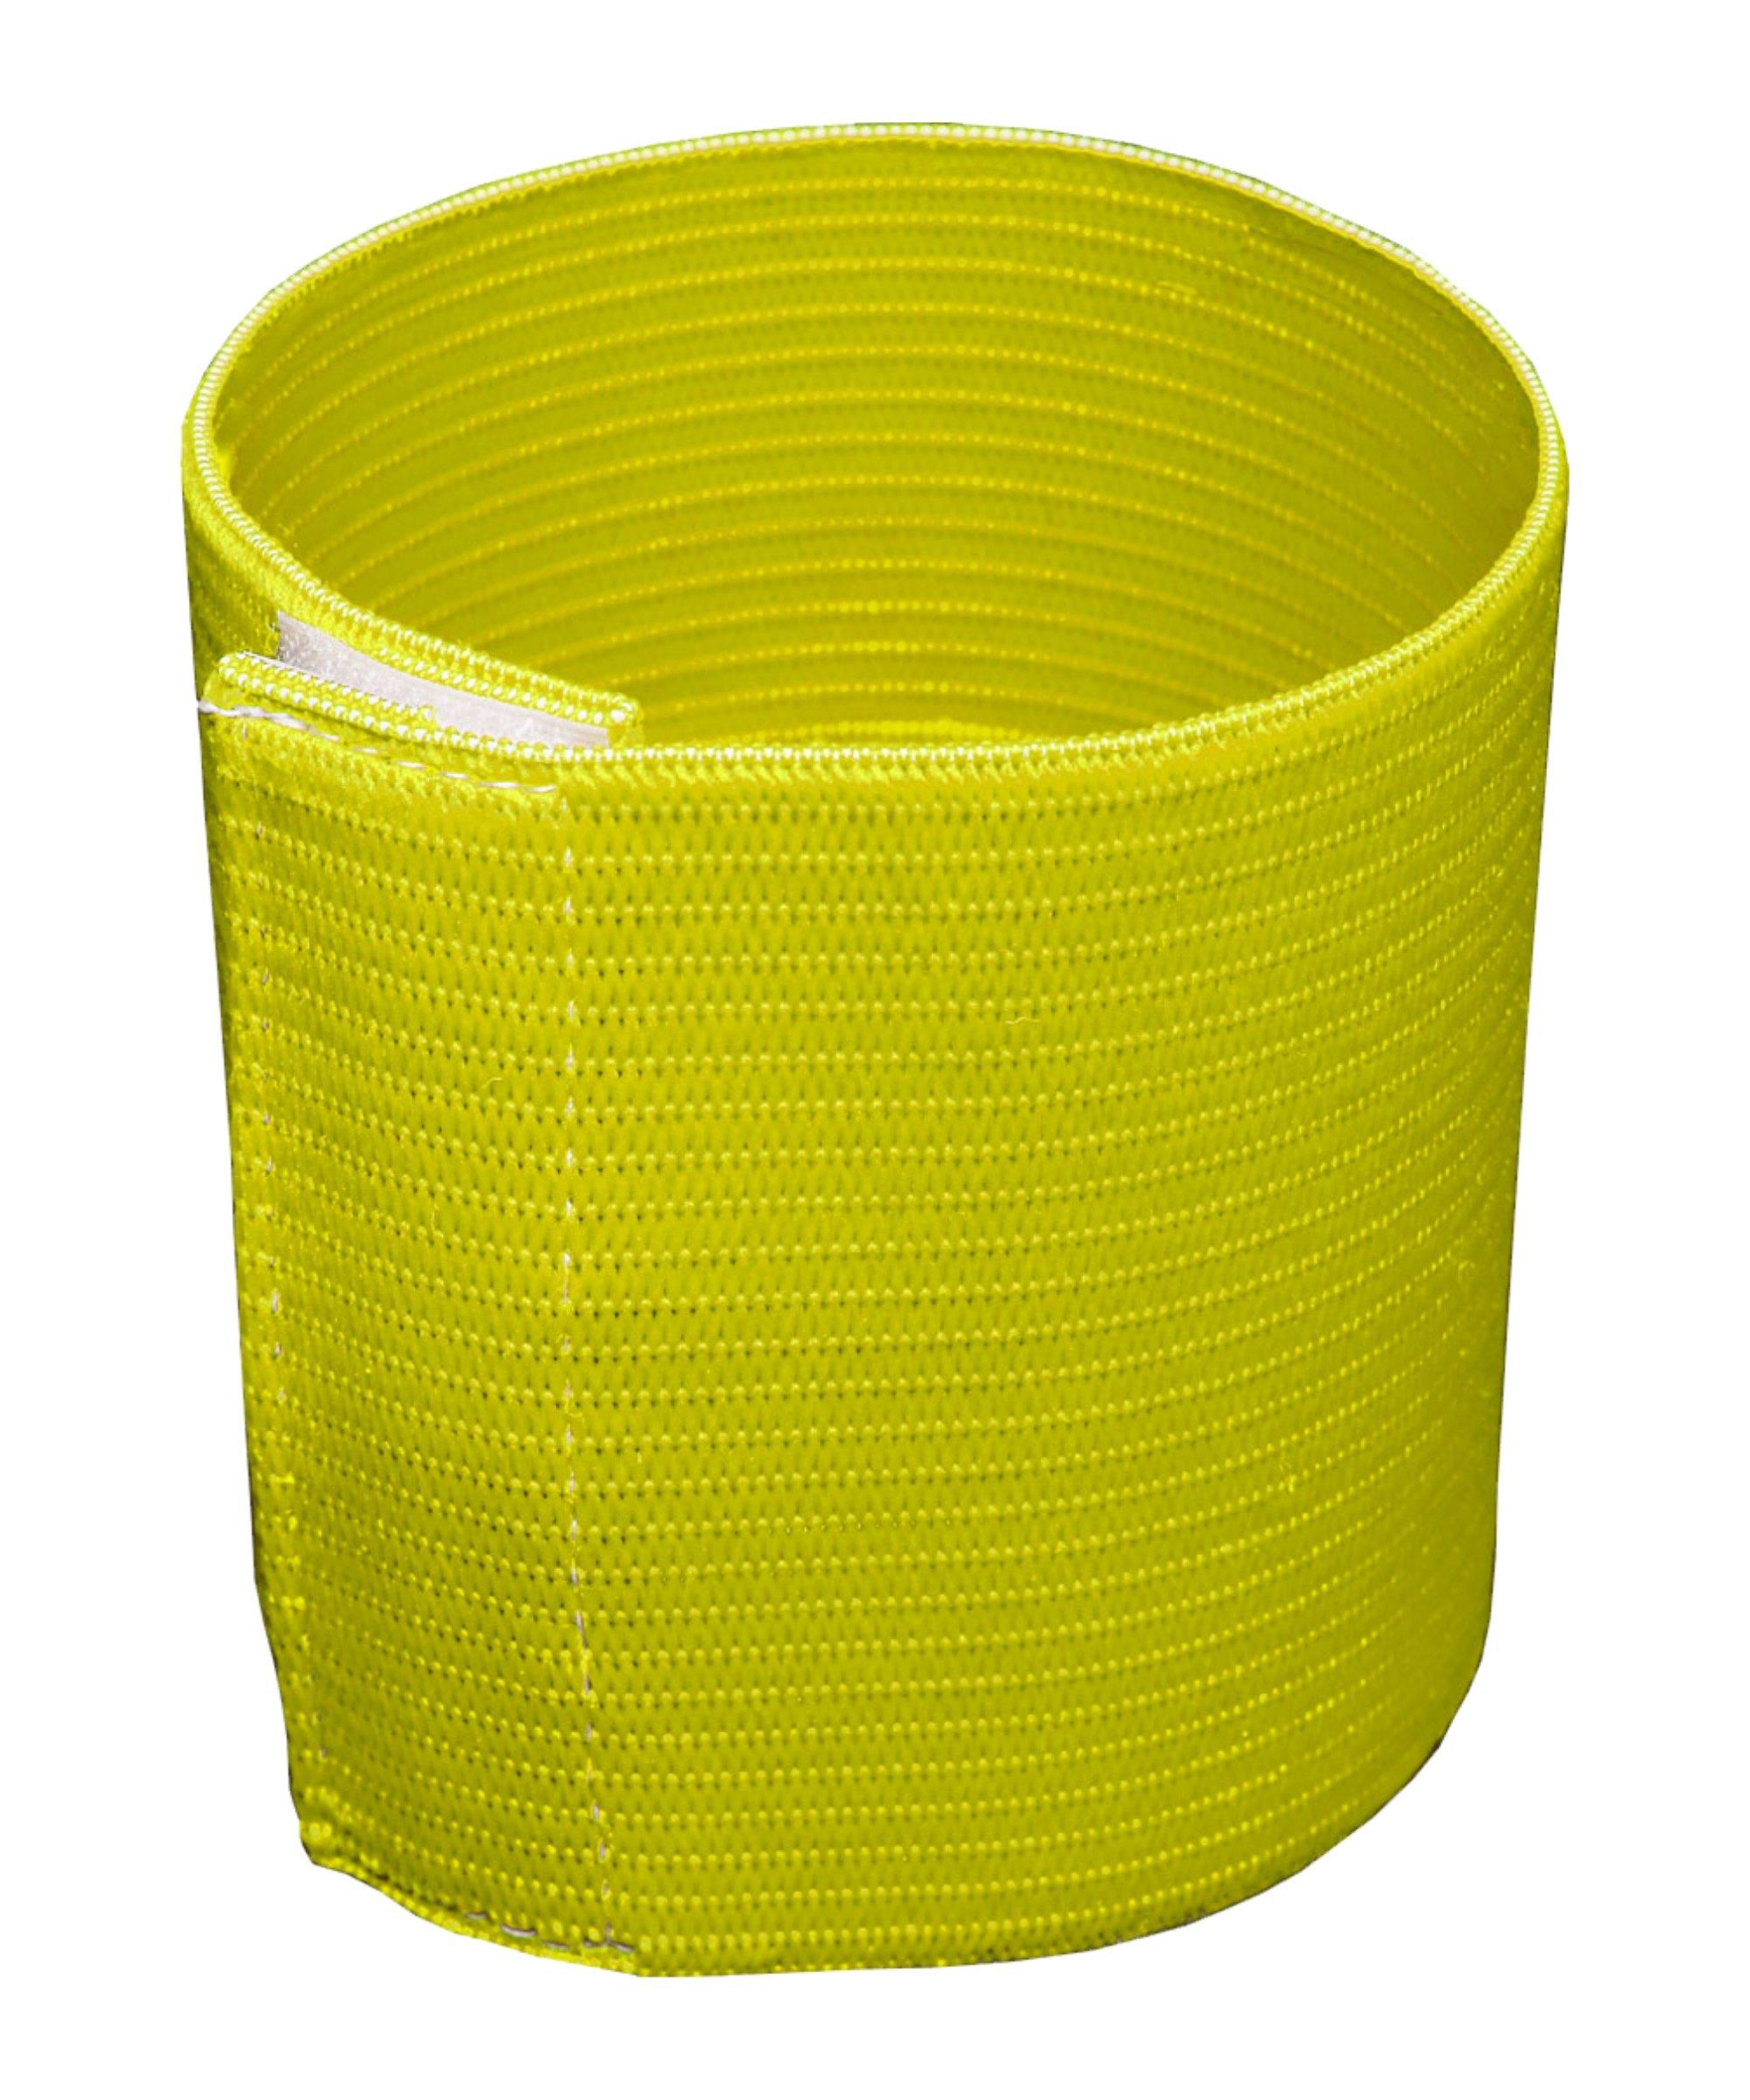 Cawila PRO UNI Armbinde Junior Gelb - gelb